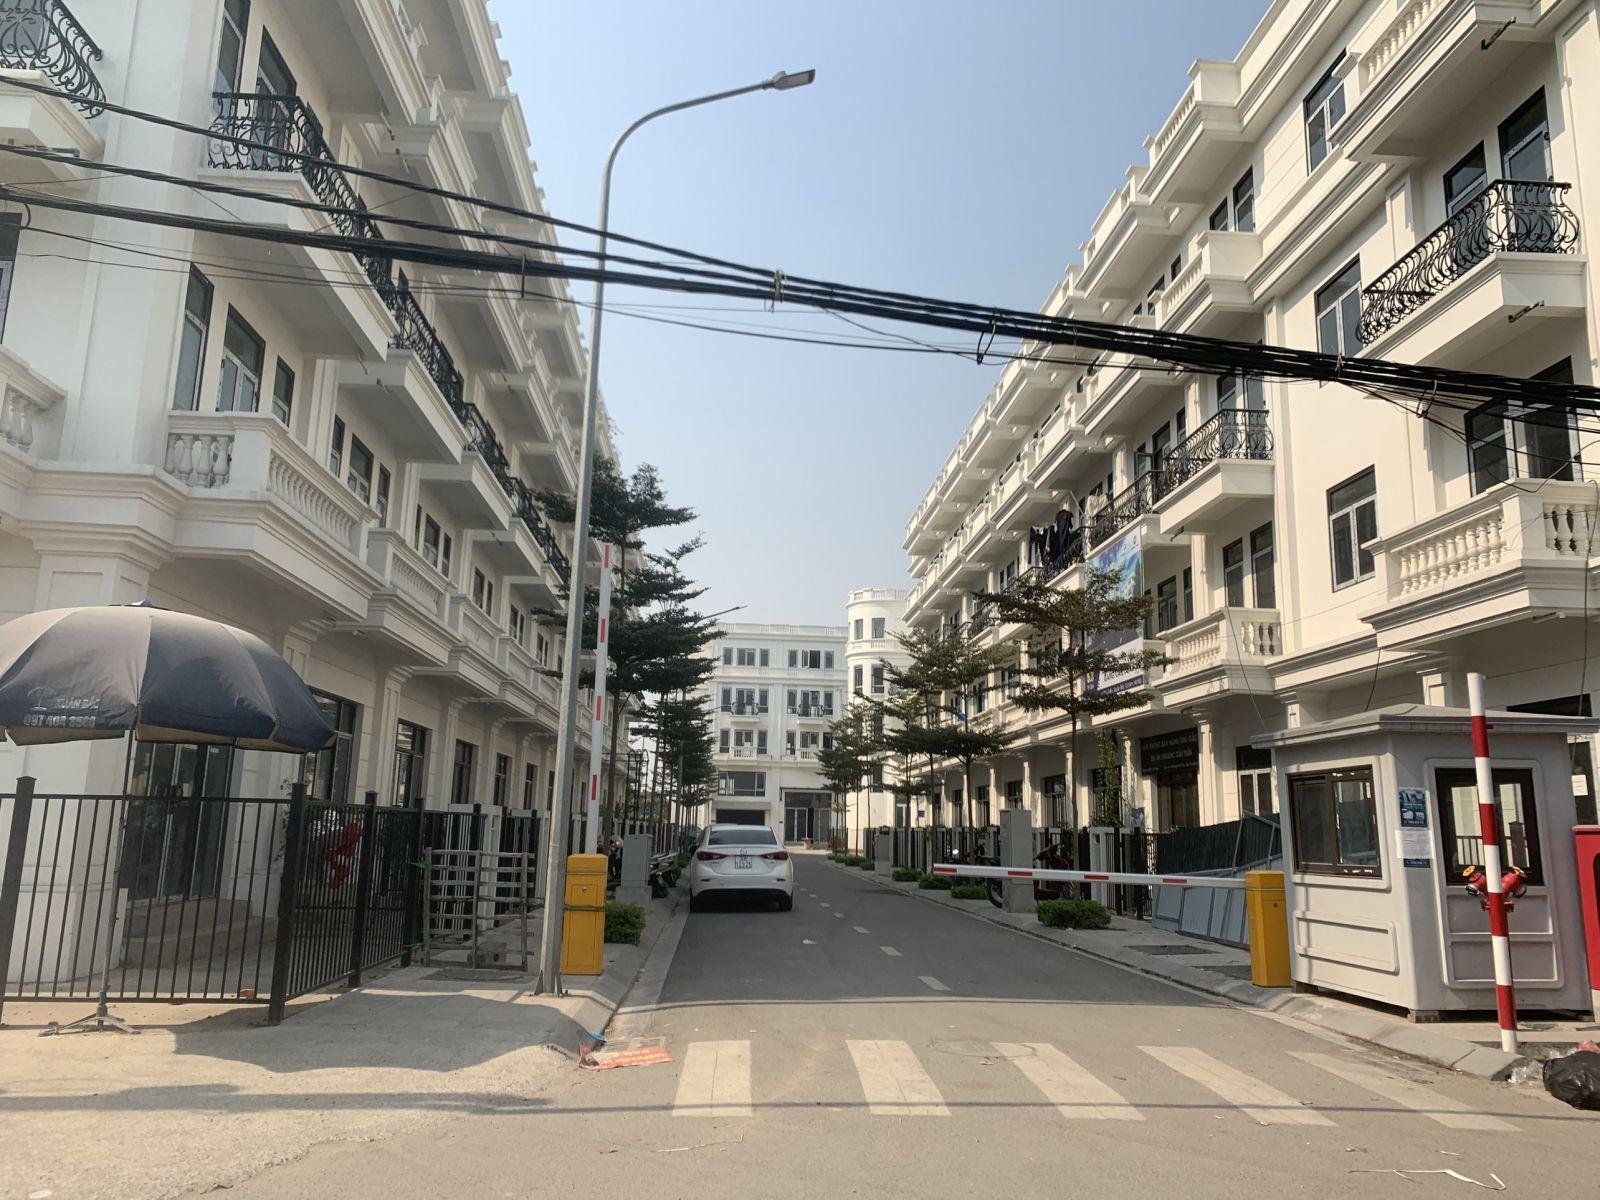 Dự án liền kề Phú Diễn (Phú Diễn Land)nằm trên mặt đường, phía gần cuối đườngPhú Diễn do Công ty Cổ phần phát triển đầu tư xây dựng Việt Nam (Vinadic)làm Chủ đầu tư